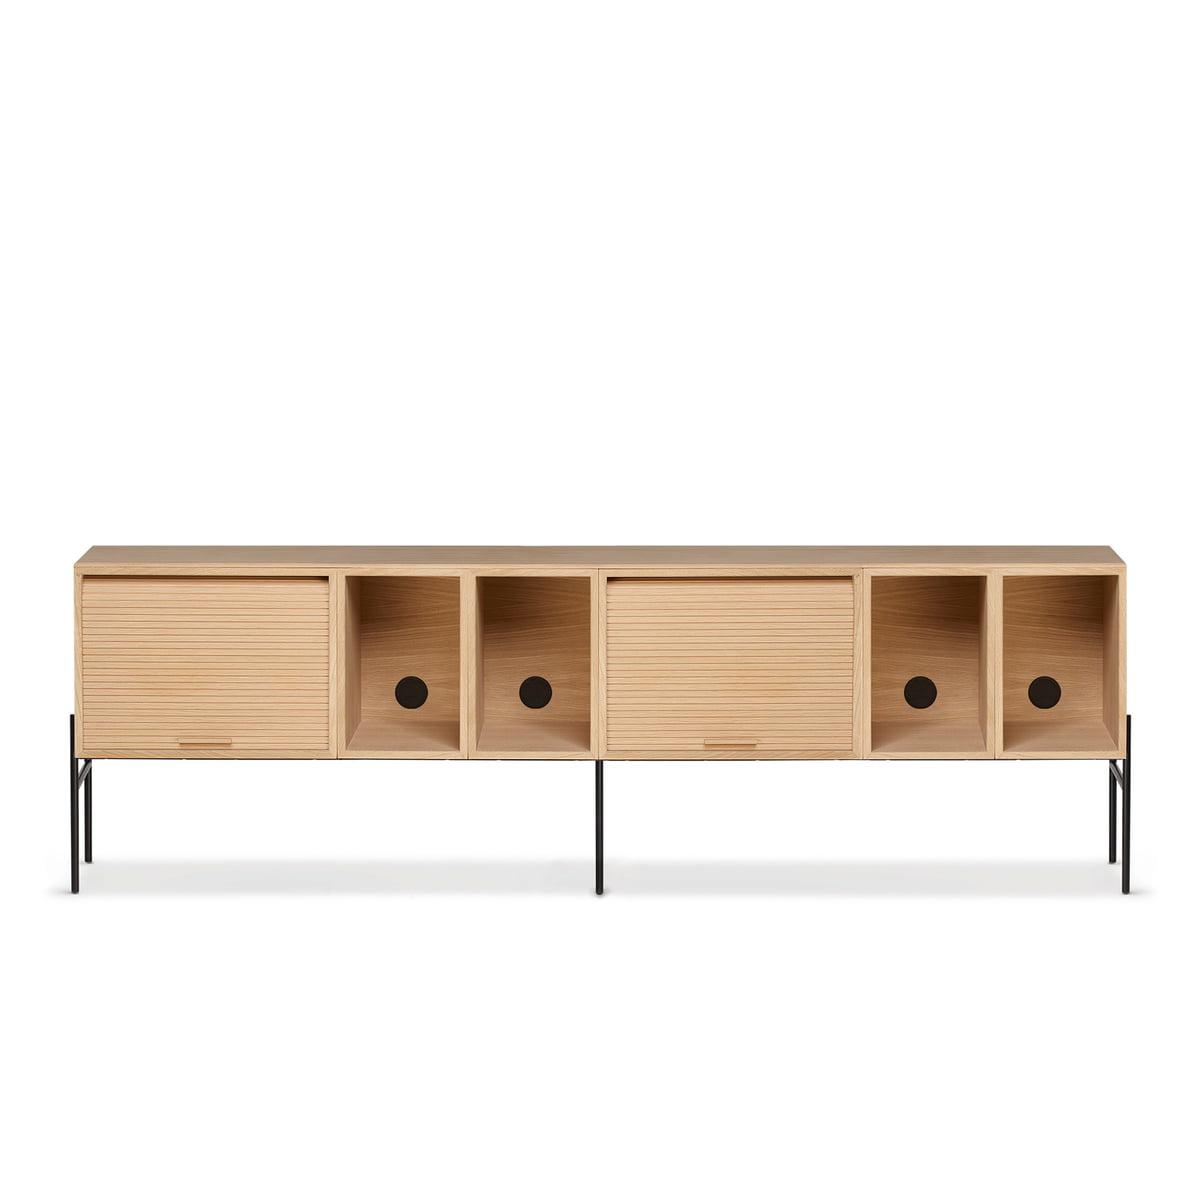 Eiche Sideboards Online Kaufen Möbel Suchmaschine Ladendirektde